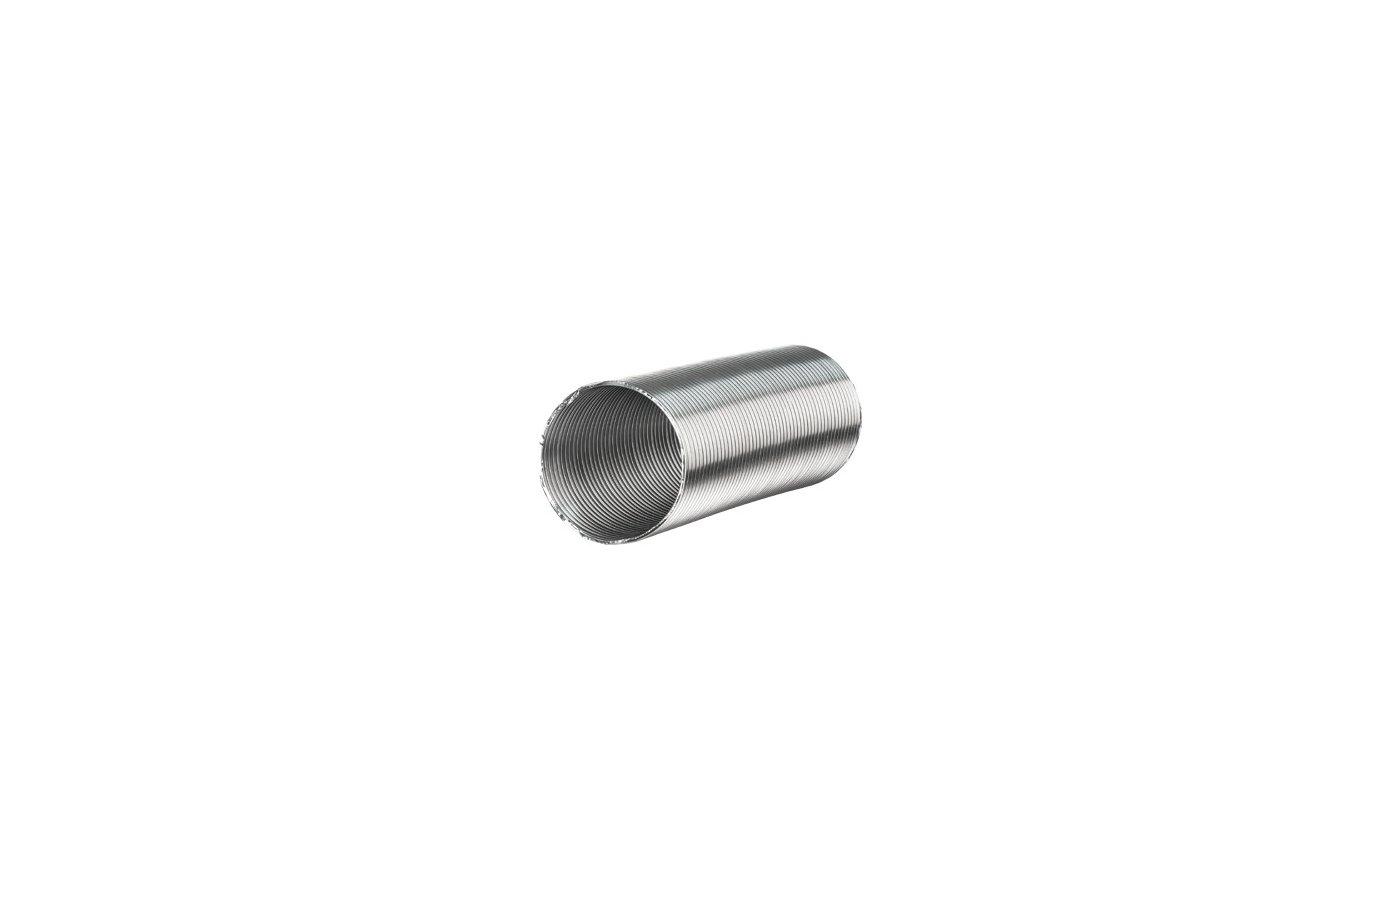 Аксессуар для в/о Воздуховод Алювент алюминиевый D125 мм (1,5м)